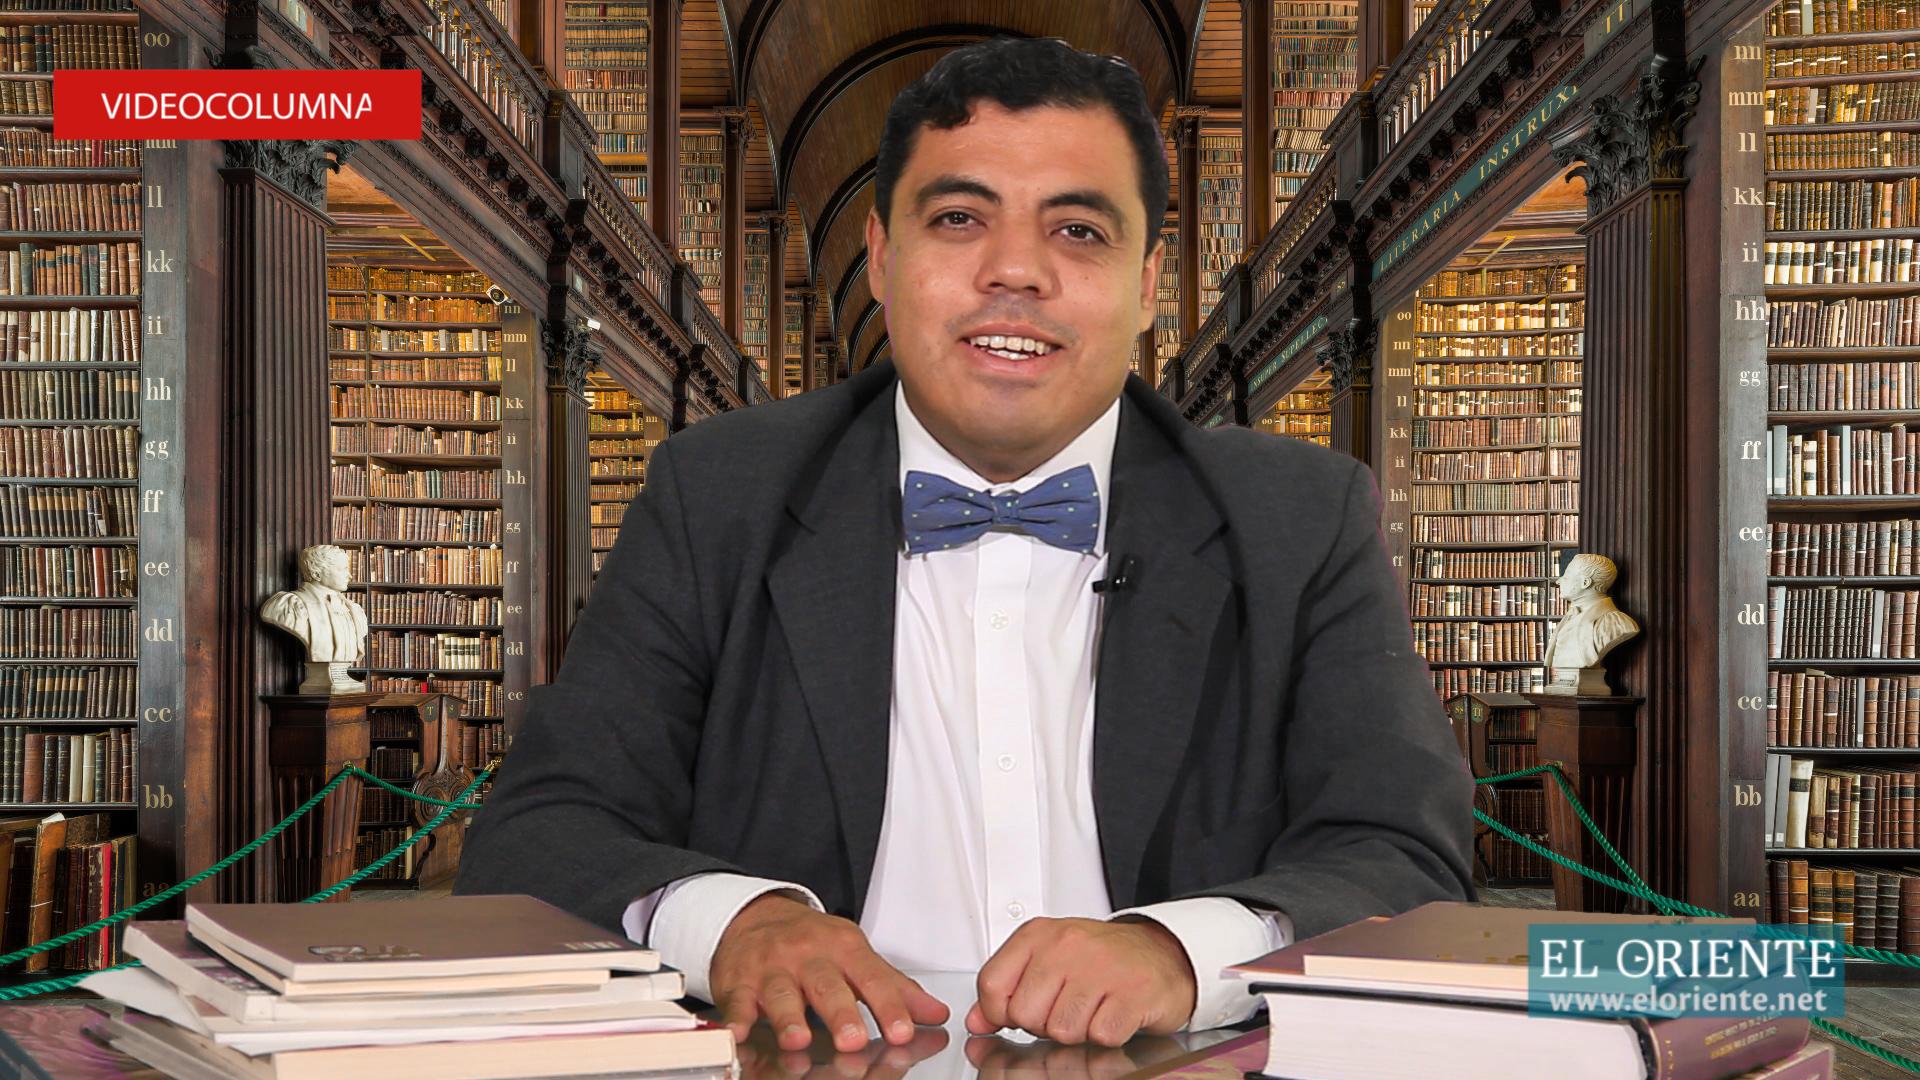 CARLOS SPÍNDOLA 12 3 DE AGOSTO